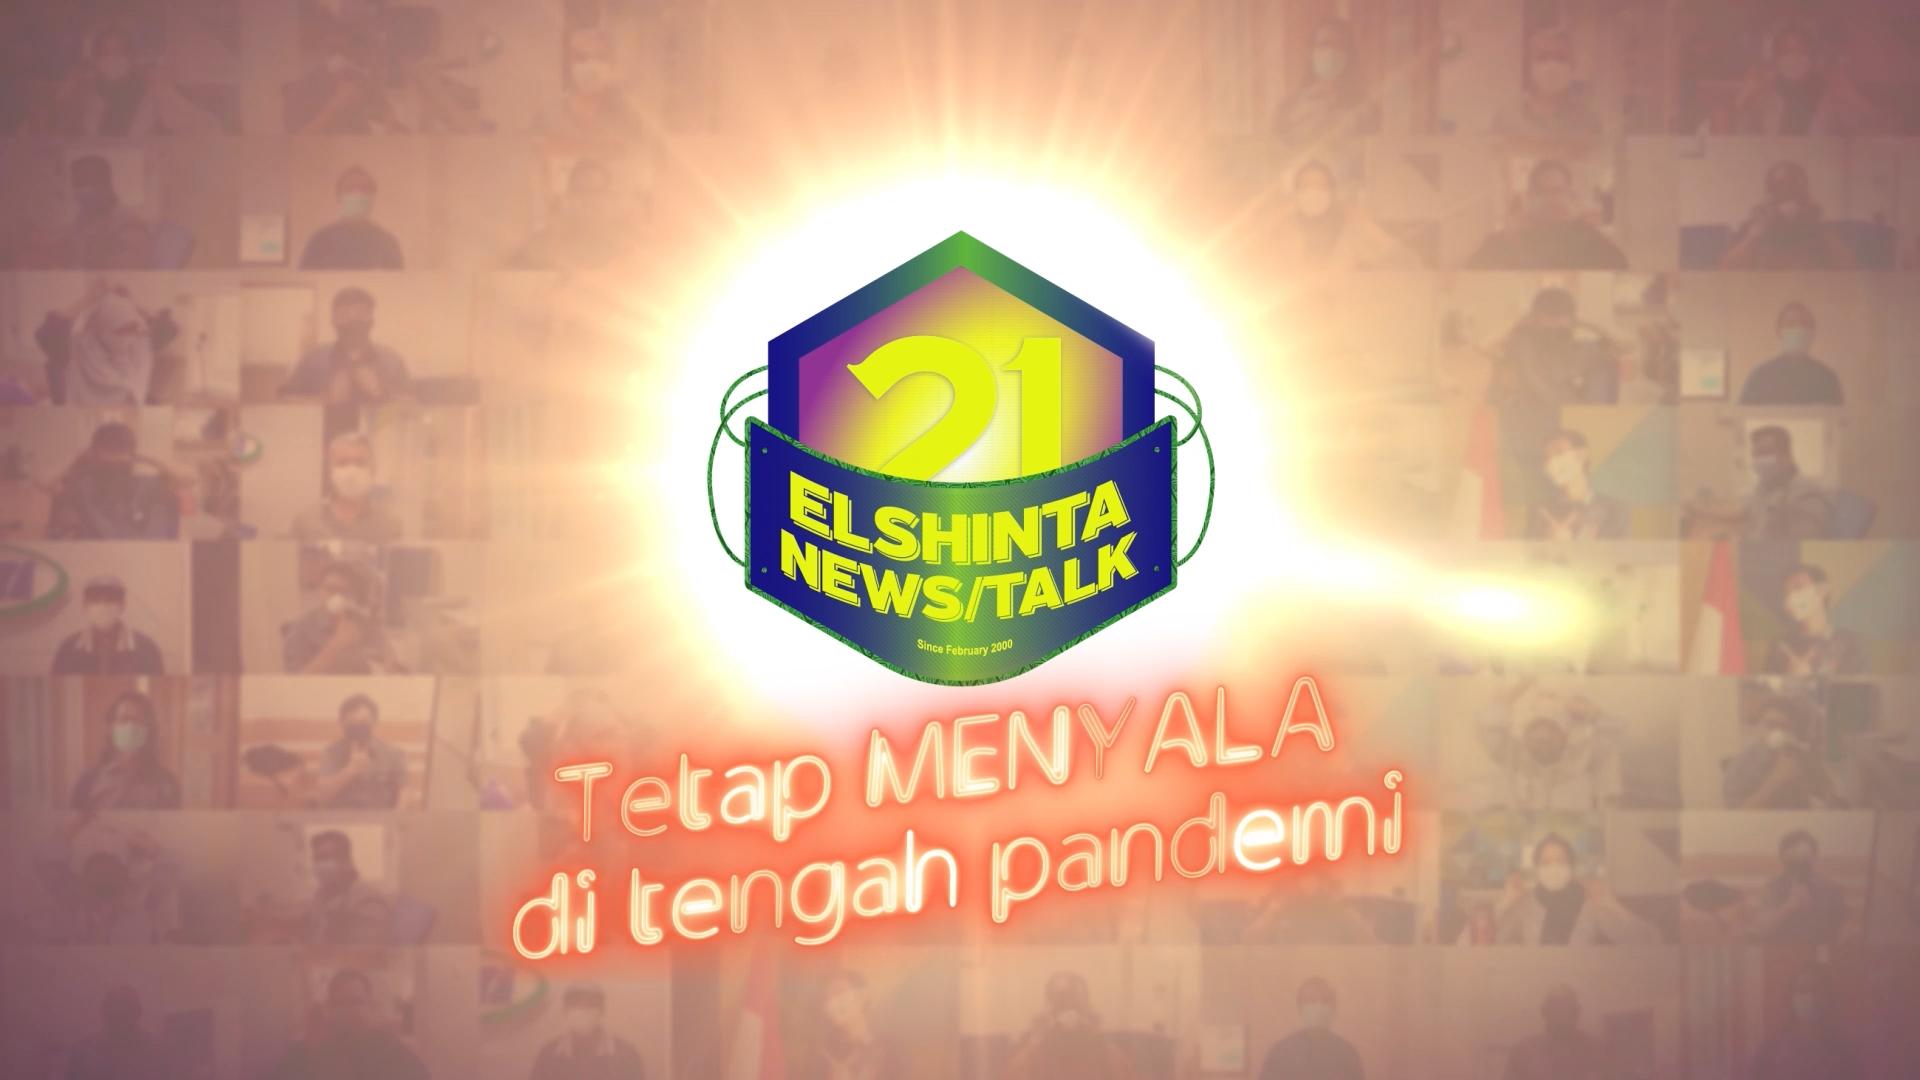 Ucapan HUT Elshinta News & Talk ke-21 dari beberapa tokoh